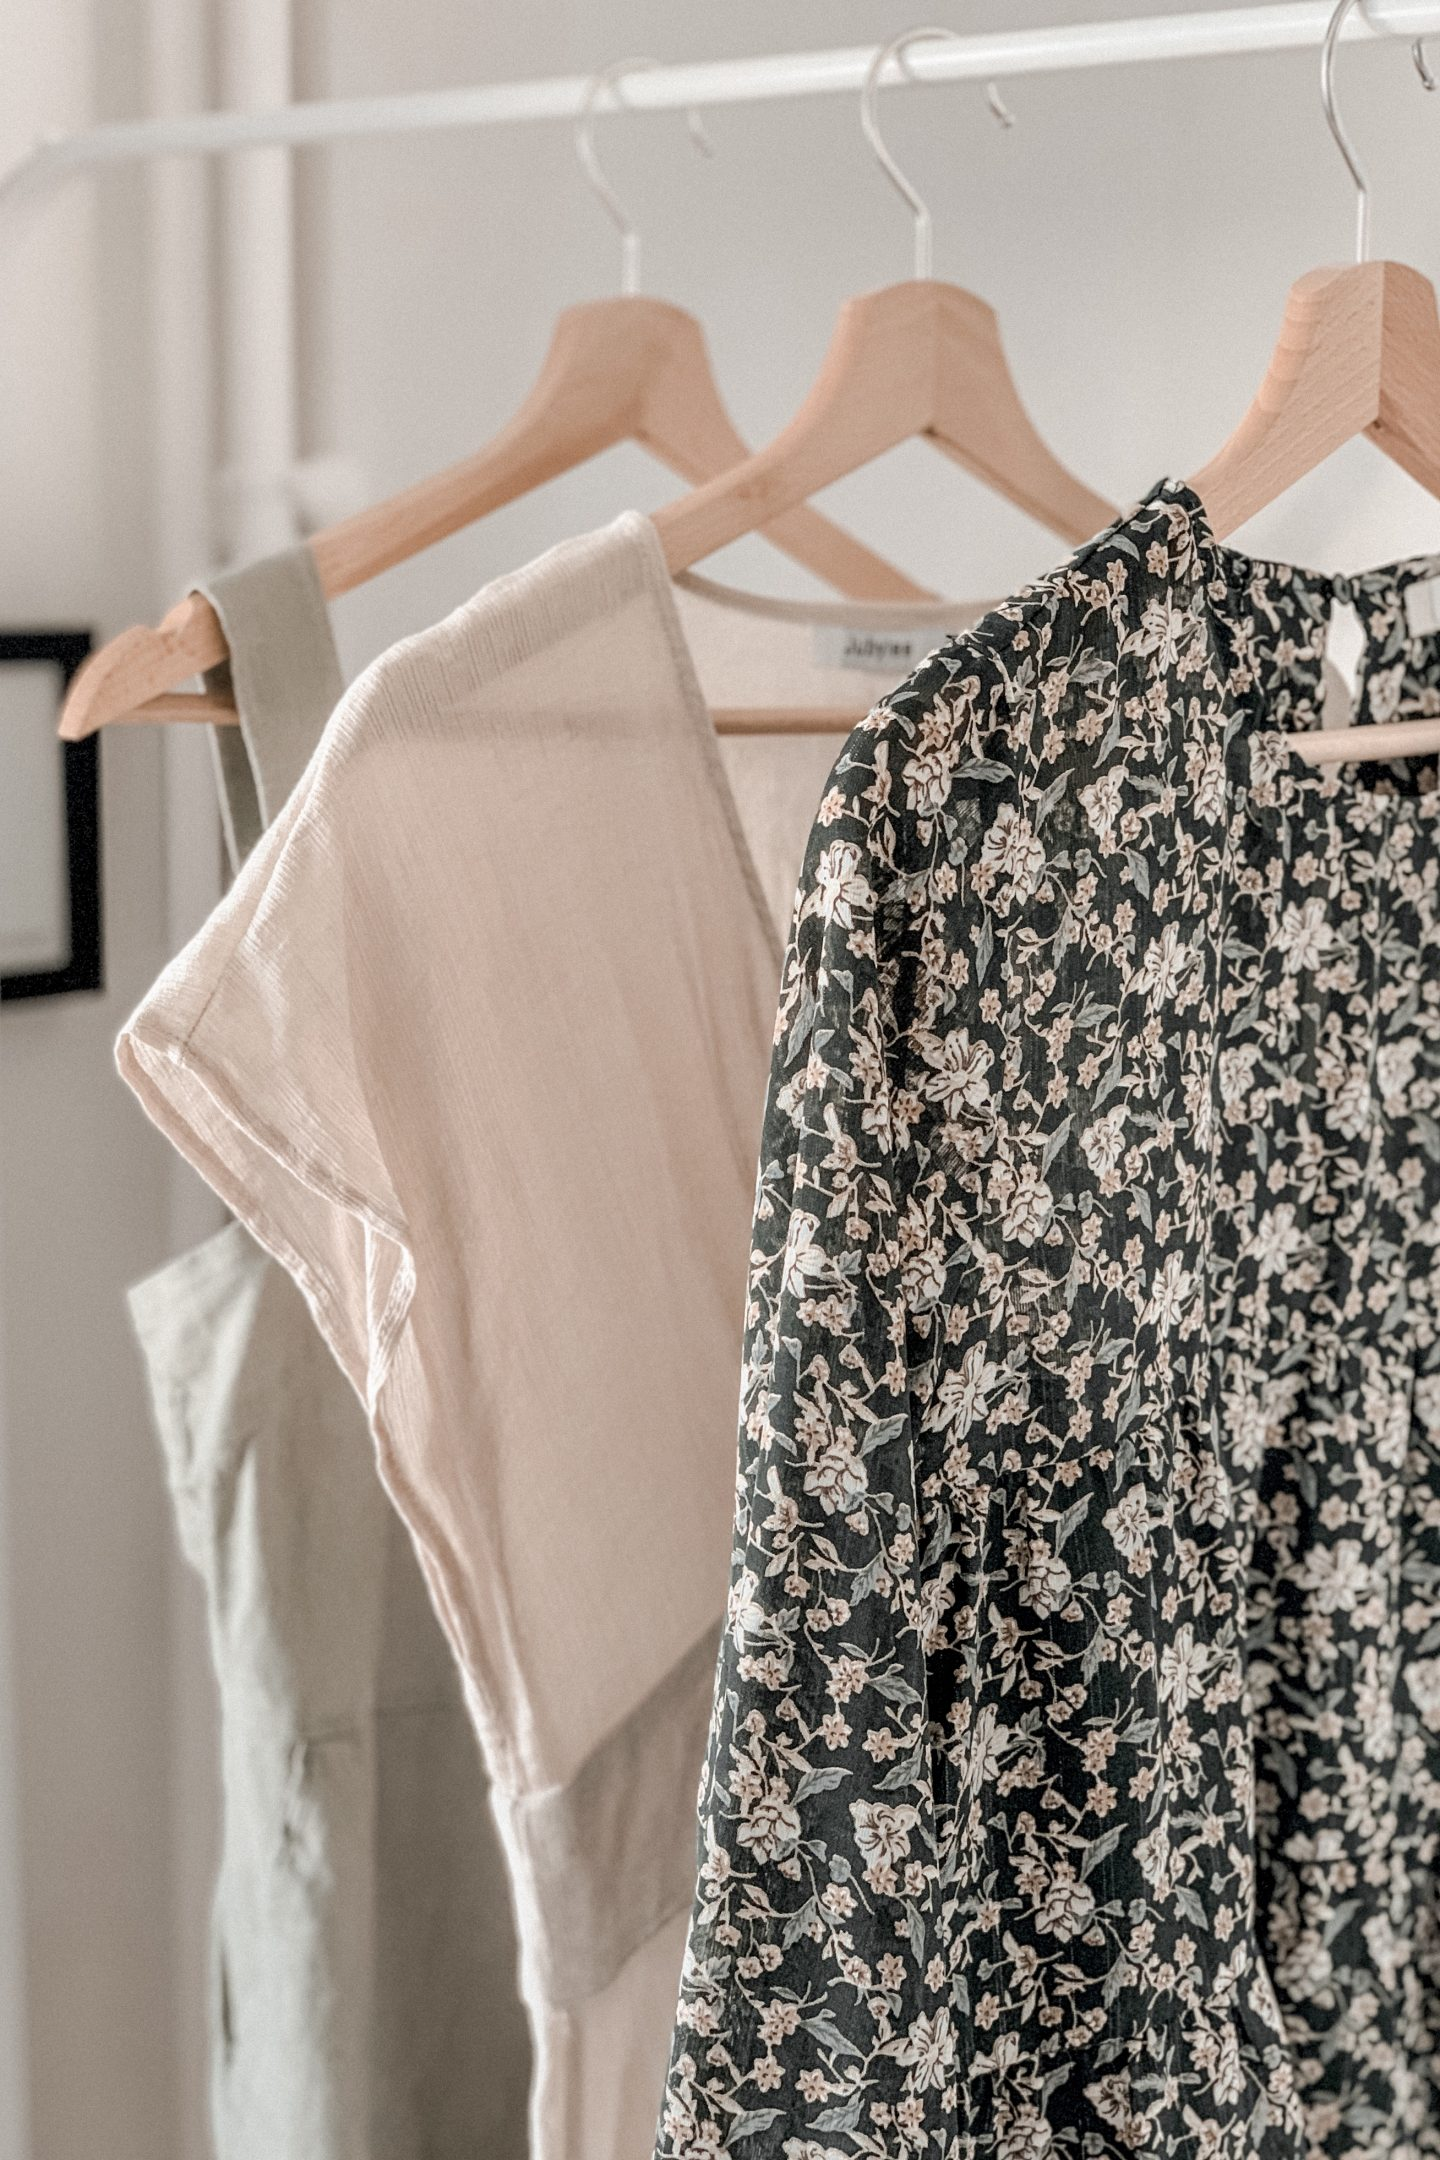 Braderie Le Closet - Les Cinq Petites Choses #16 - Blog Mangue Poudrée - Blog Mode et Lifestyle à Reims Paris influenceuse